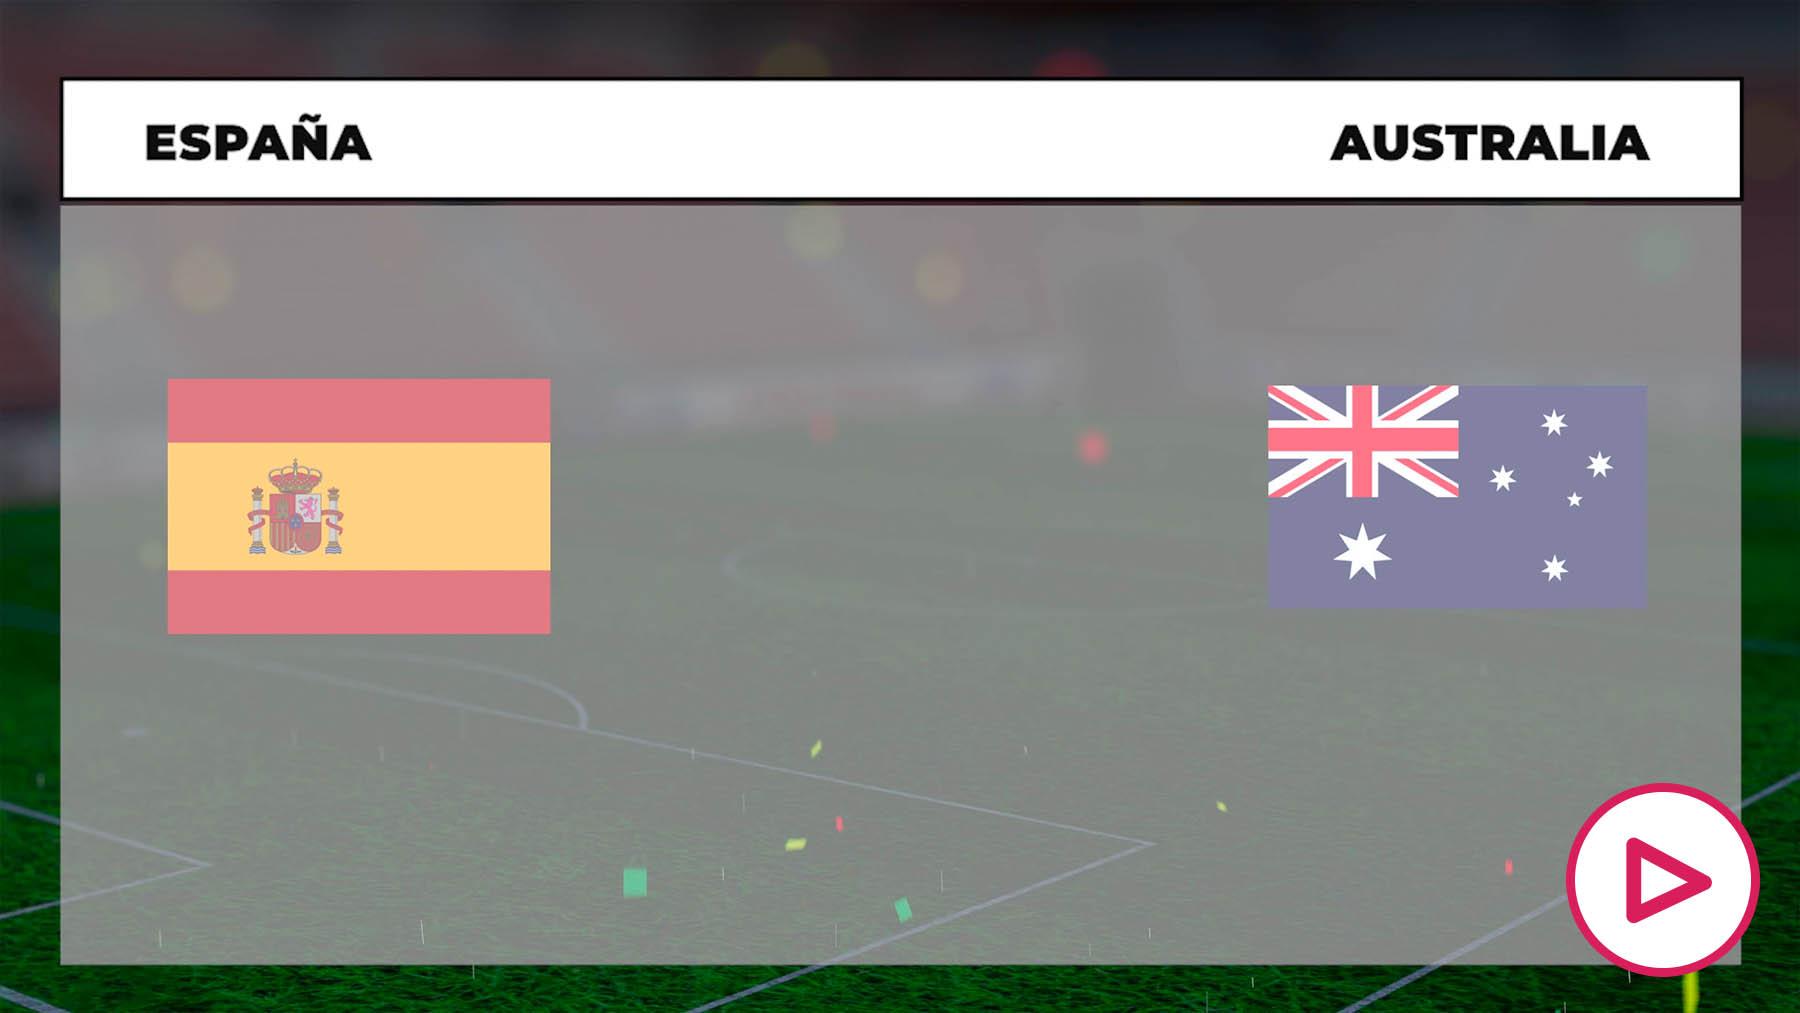 Juegos Olímpicos 2020: España – Australia | Horario del partido de fútbol de los Juegos Olímpicos 2020.